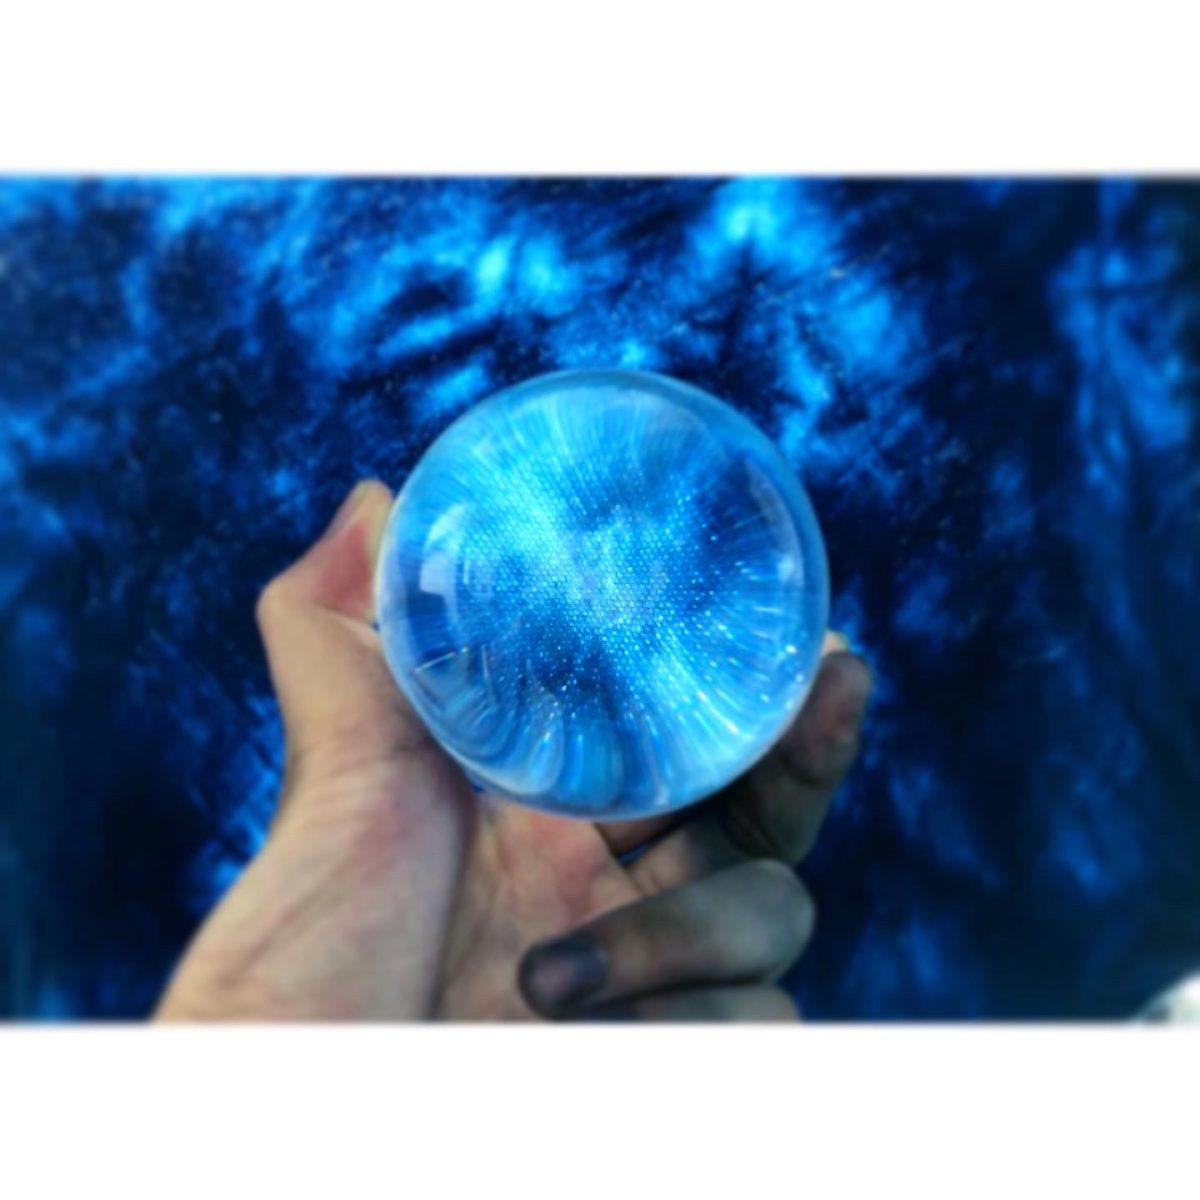 indigo Blue Earth🌎